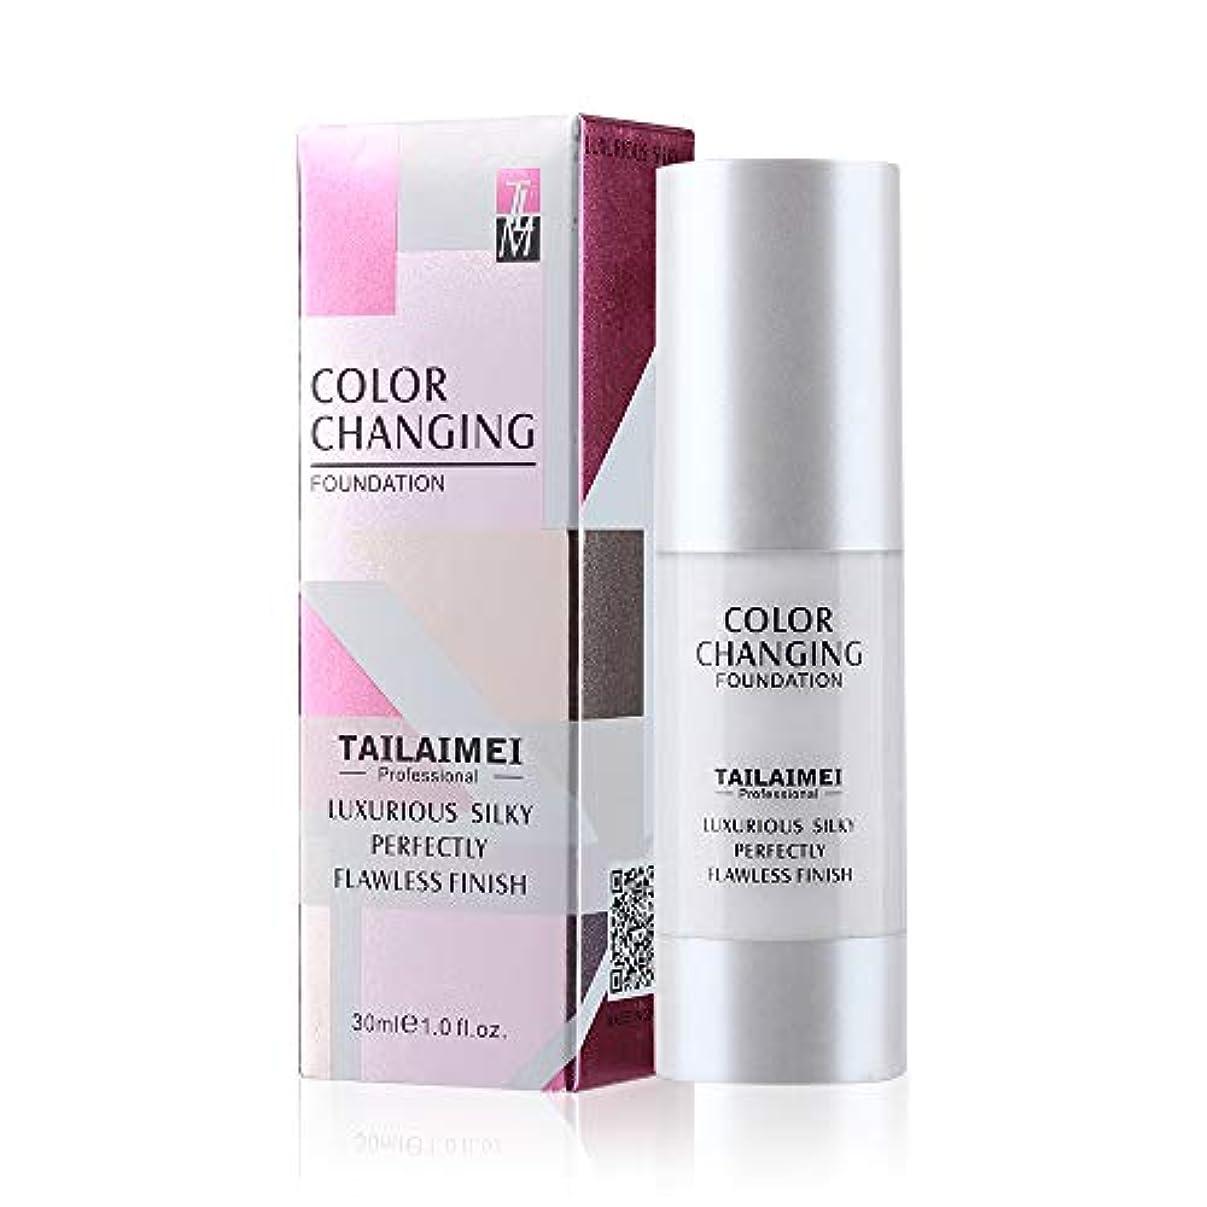 窓聖人ちょうつがいちょうど混合することによってあなたの肌のトーンにリキッドファンデーションの化粧変更を変更する30ml TLMの完璧な色